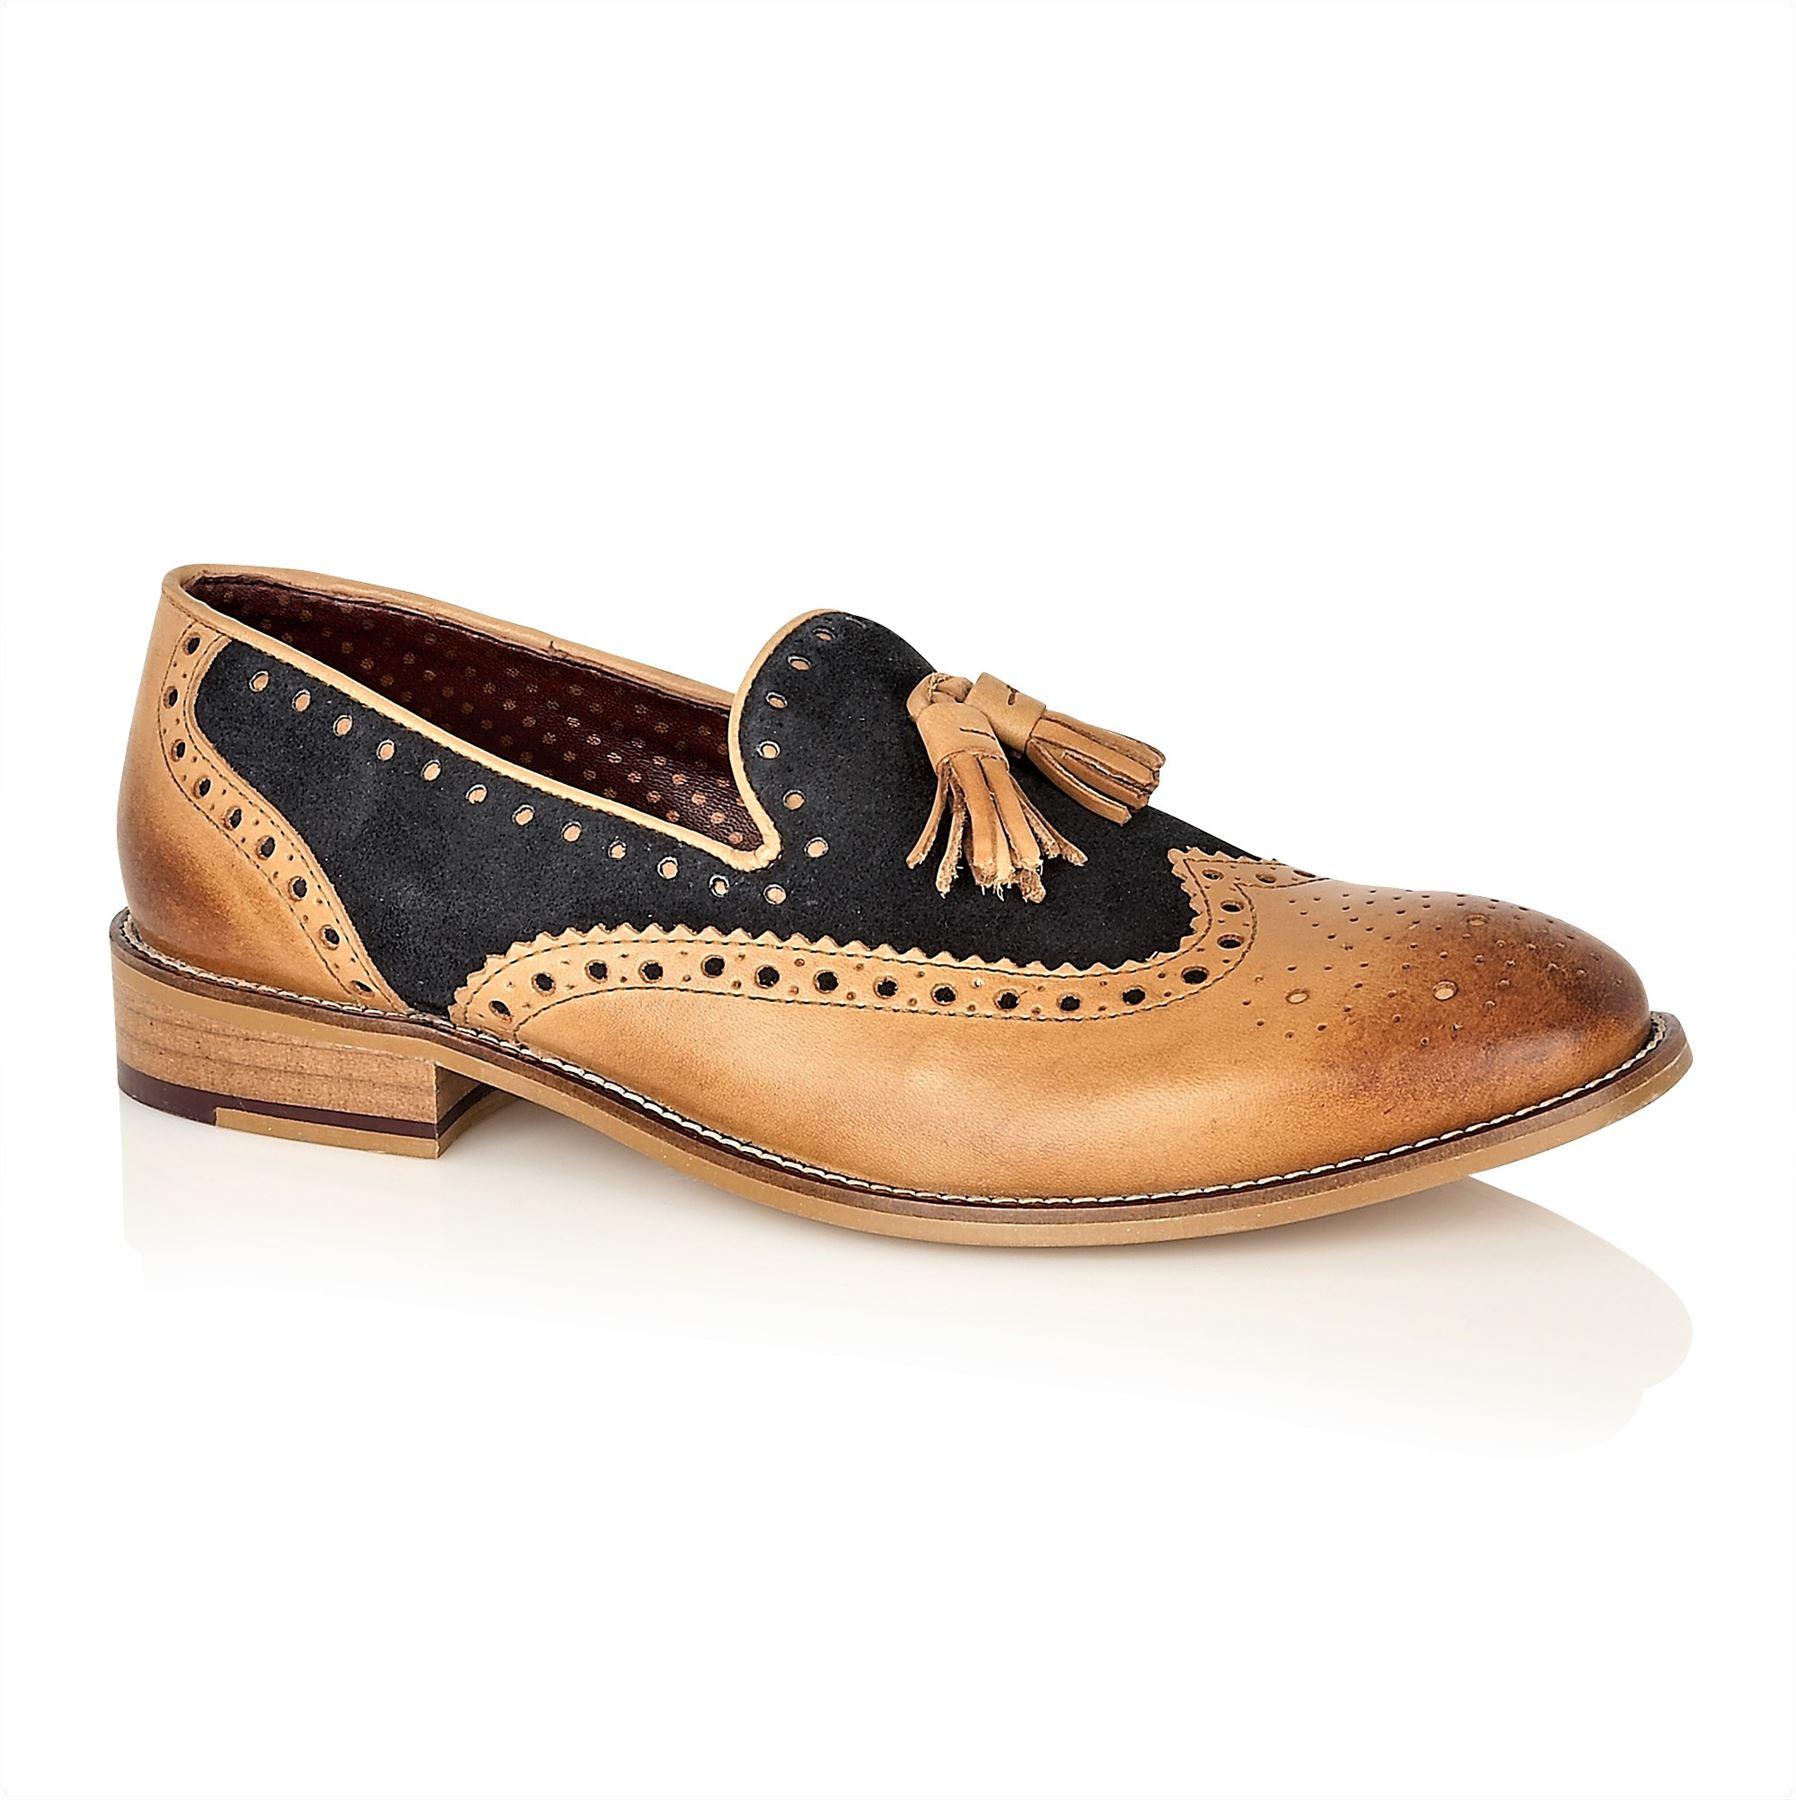 Rifinito a mano tradizionale scarpa con un design di brogue classico e un  must per ogni guardaroba maschile per una perfetta forma con un  abbigliamento ... b76787b72b7